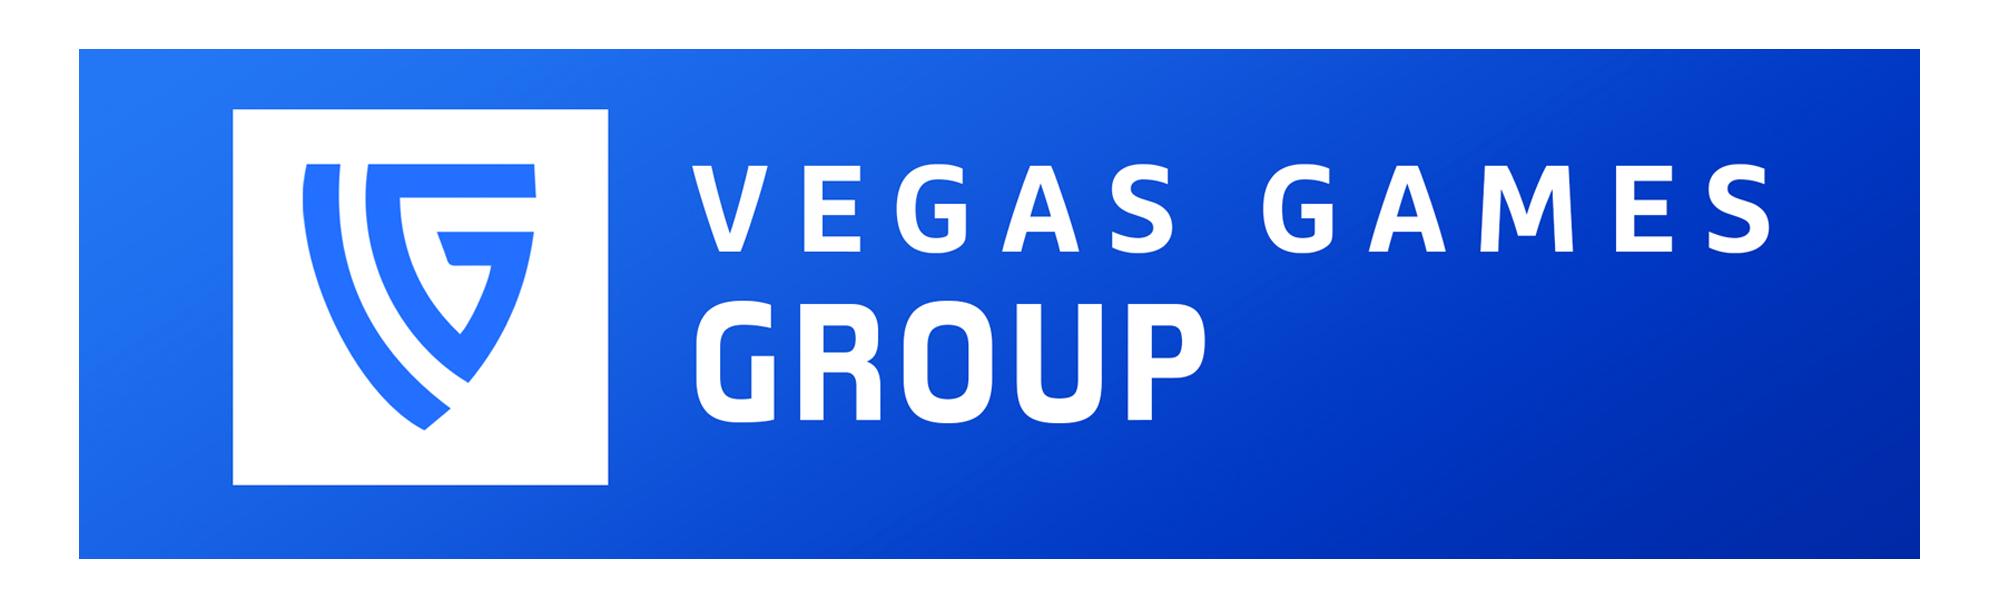 Vegas Gaming Group